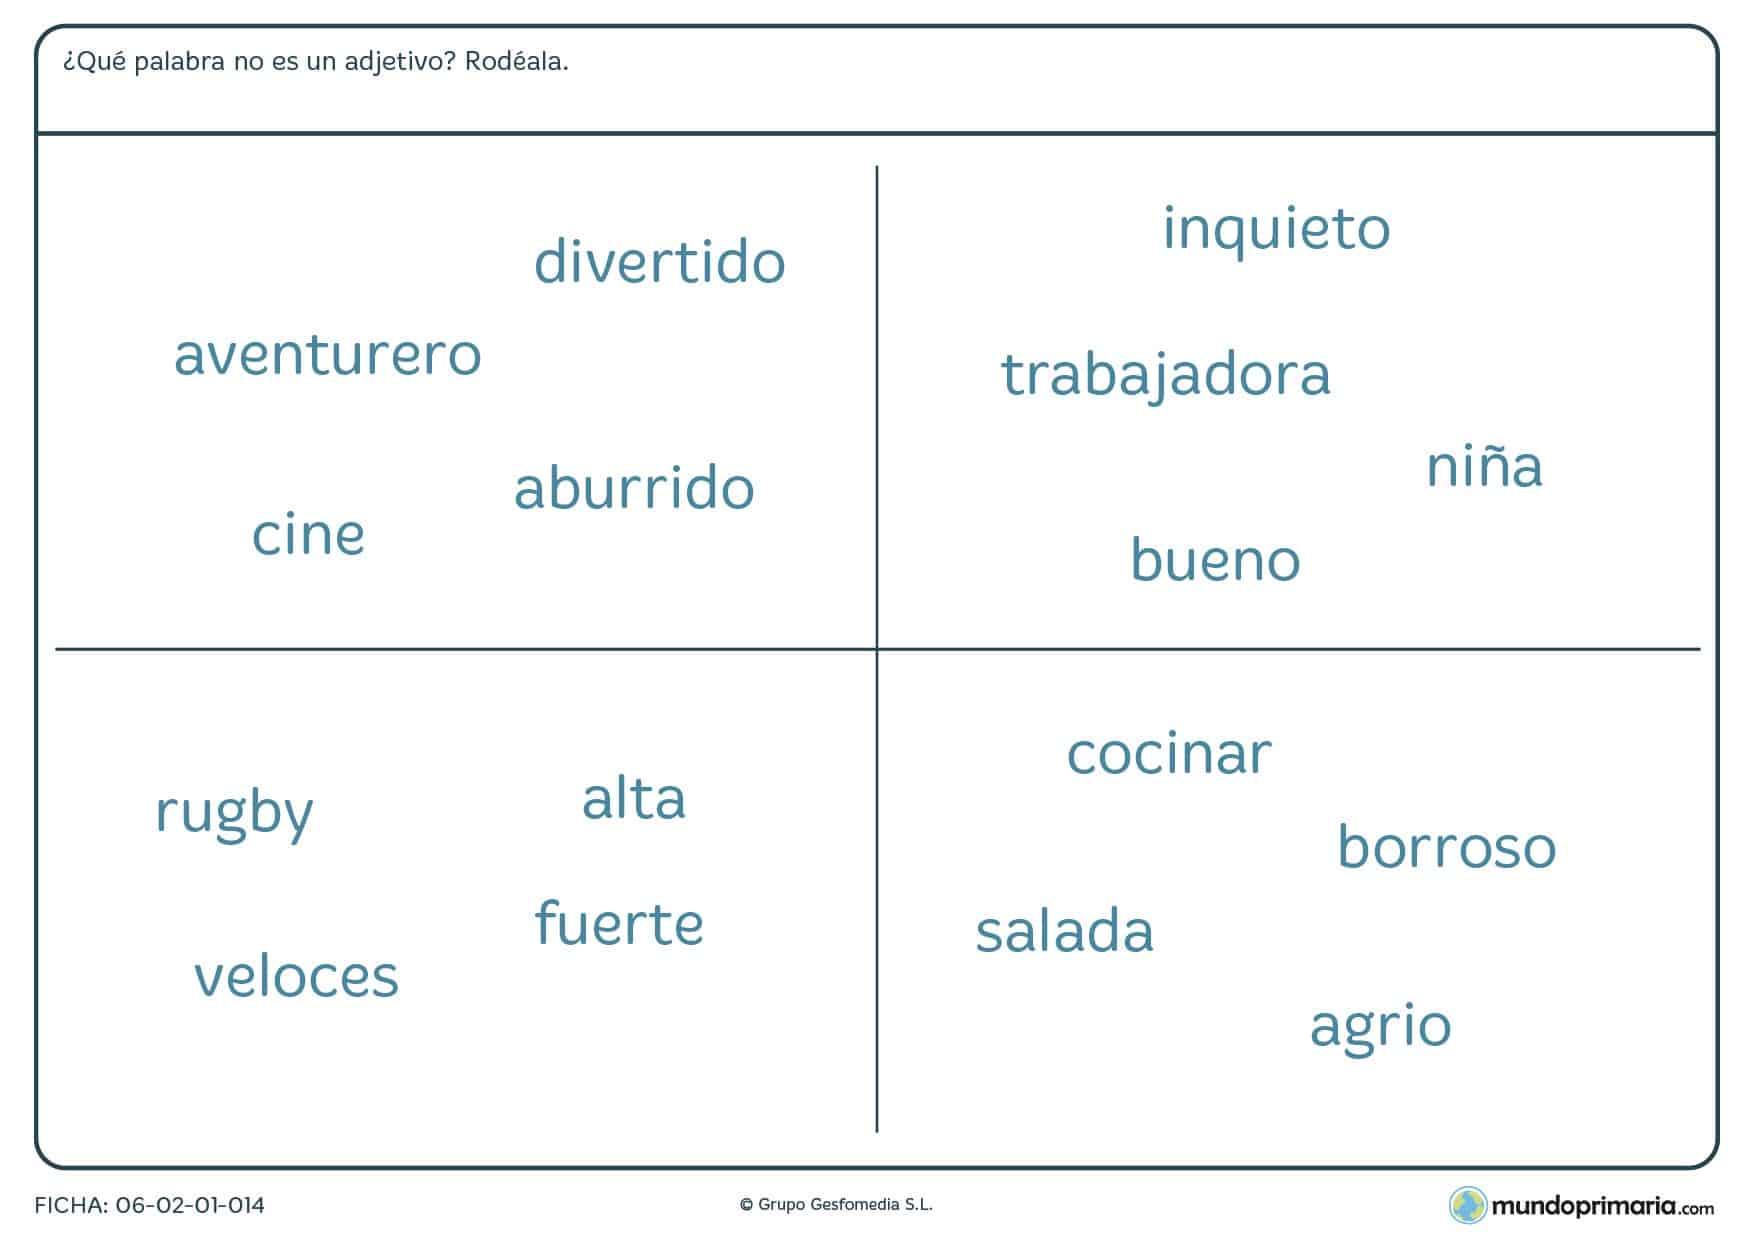 Ficha de buscar de entre todas las palabras las que no sean adjetivos